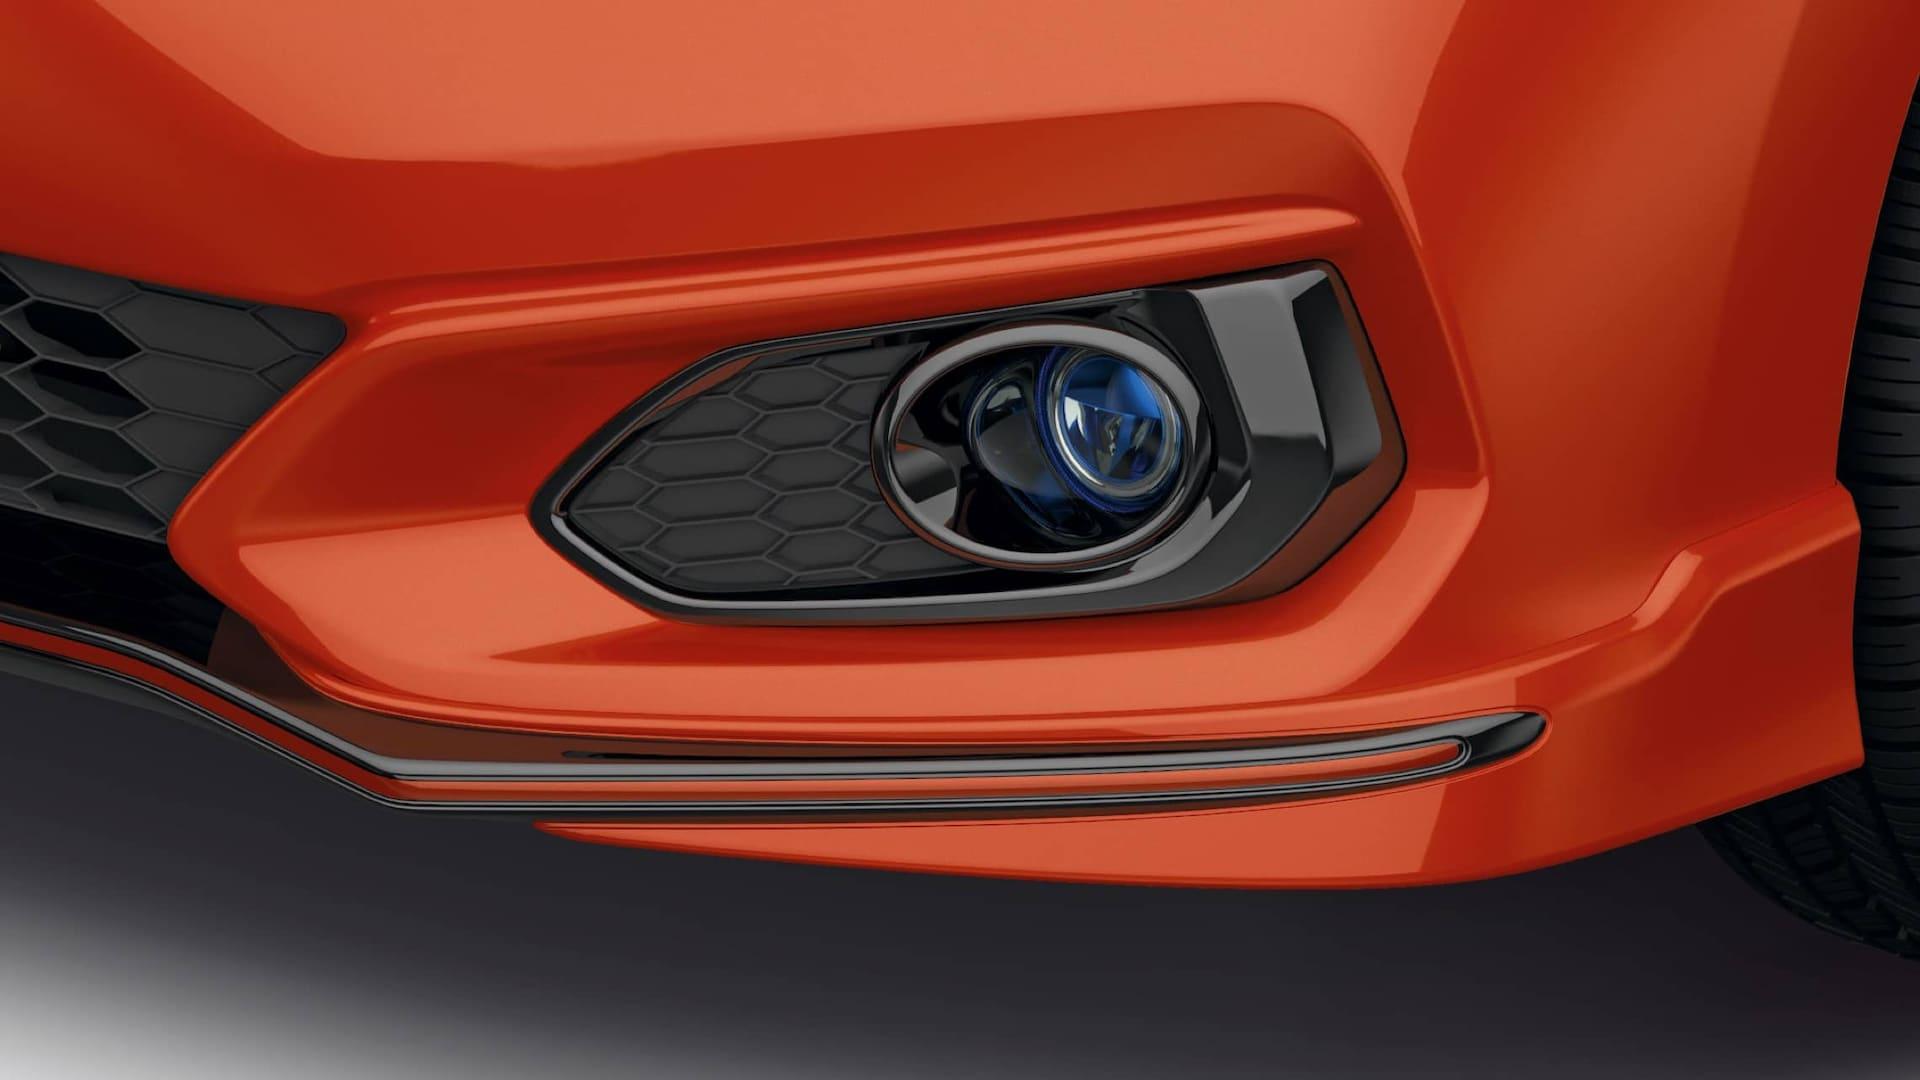 Vista frontal de 3/4 desde el lado del conductor del detalle de los faros antiniebla de LED del Honda Fit2019 en Orange Fury.